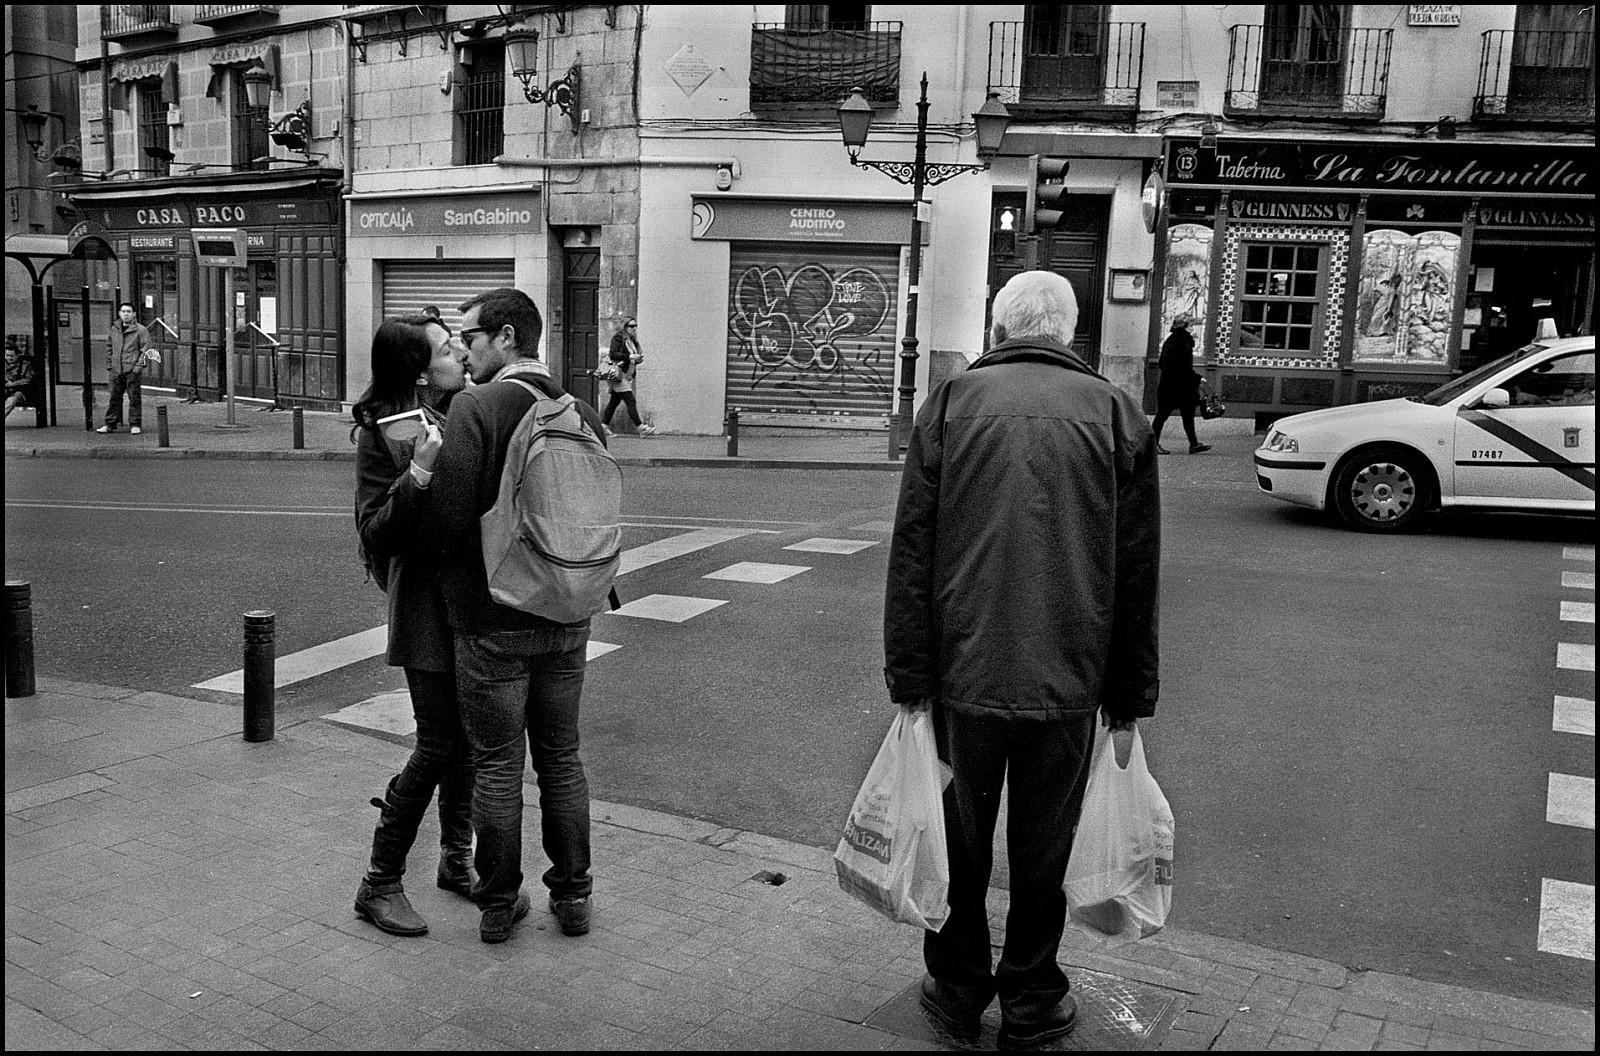 С пакетами, Мадрид, Испания, 2012. Джефф Уайденер